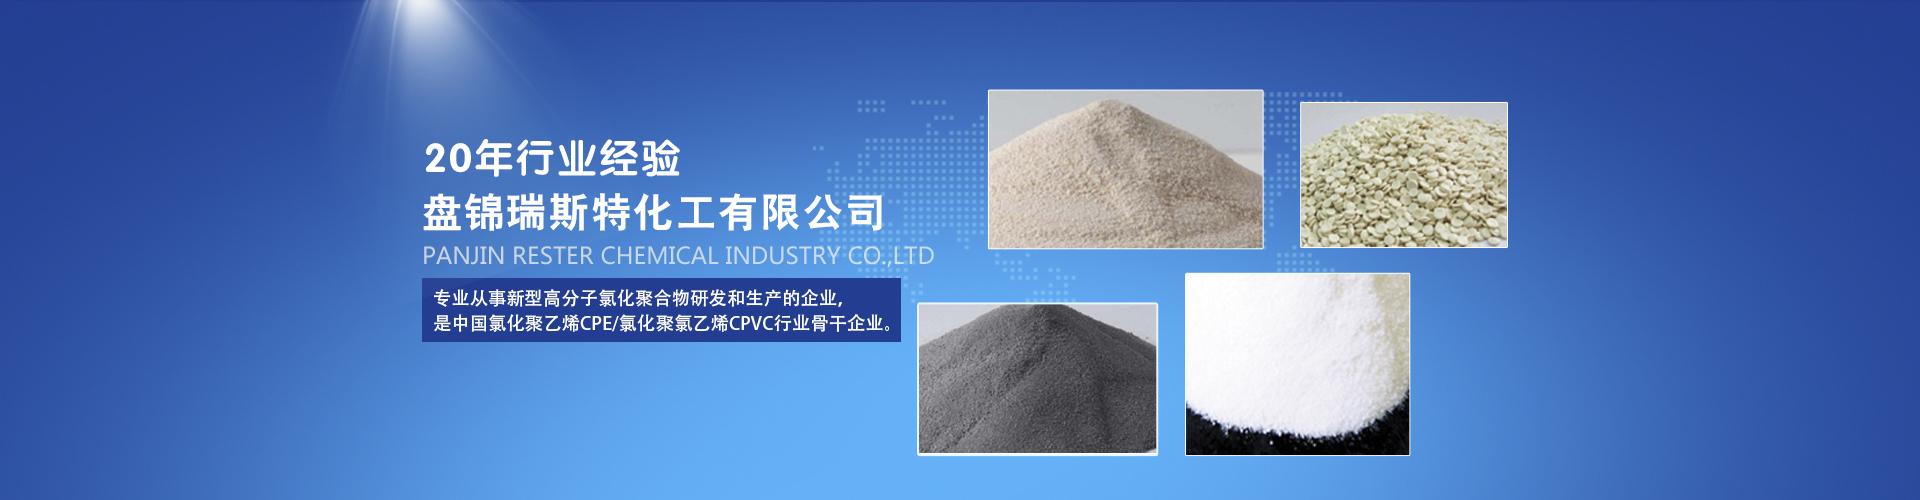 氯化聚乙烯价格